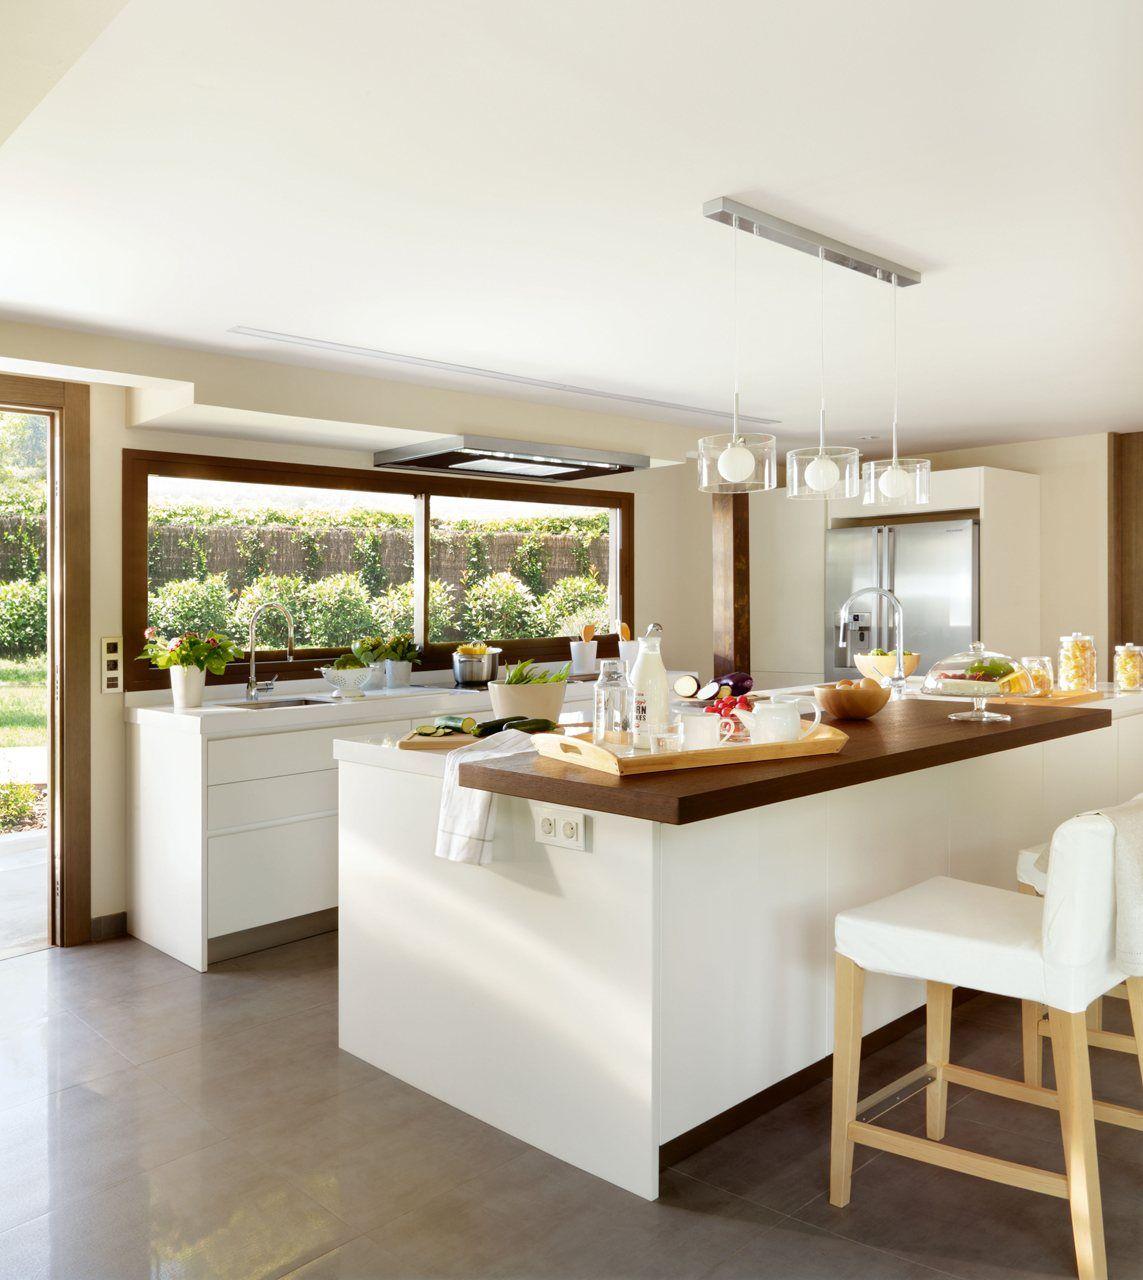 Una reforma en la cocina llena de ideas | Cocinas | Pinterest ...